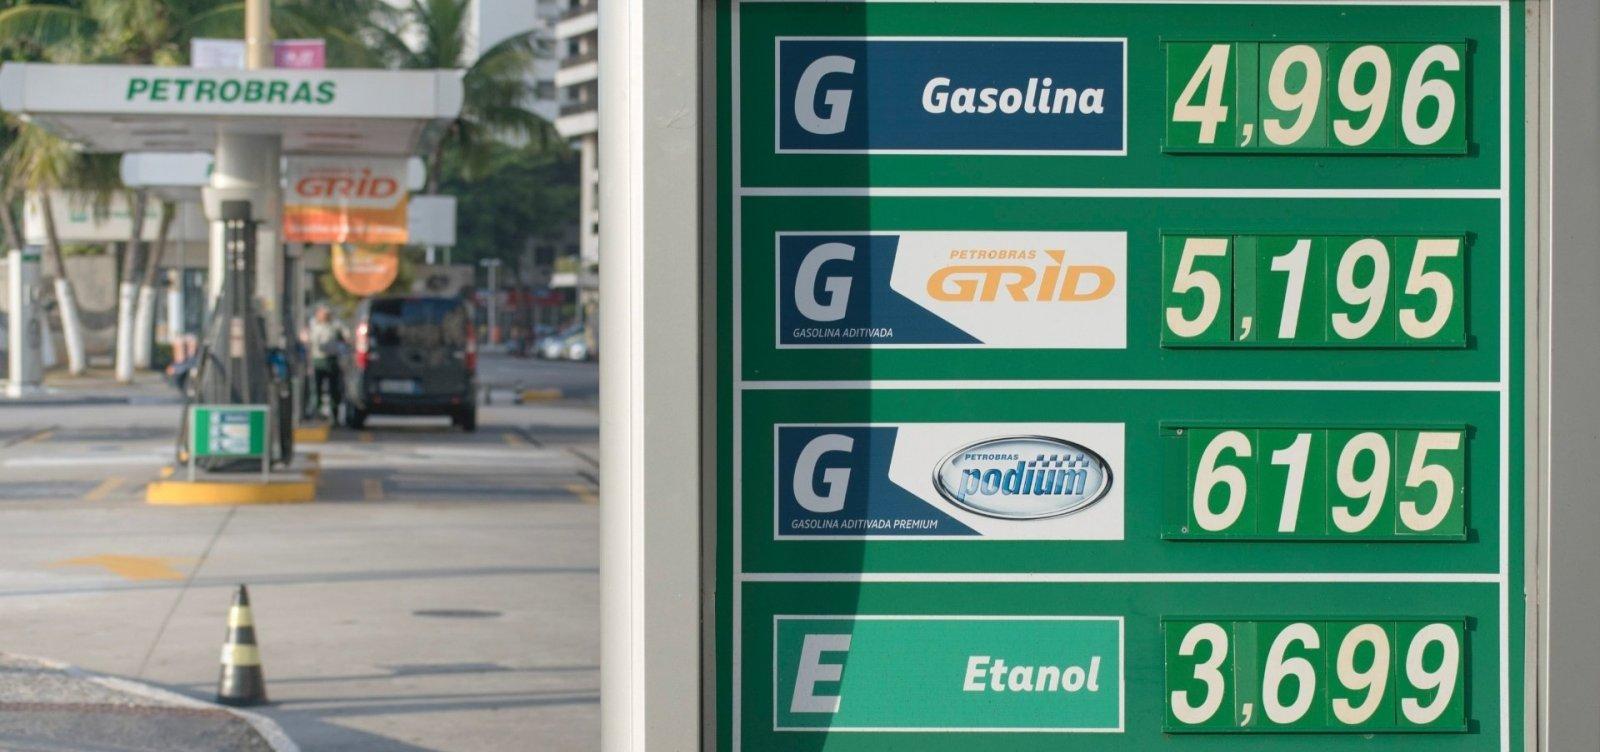 [Petrobras anuncia redução de 2% no preço da gasolina nas refinarias]